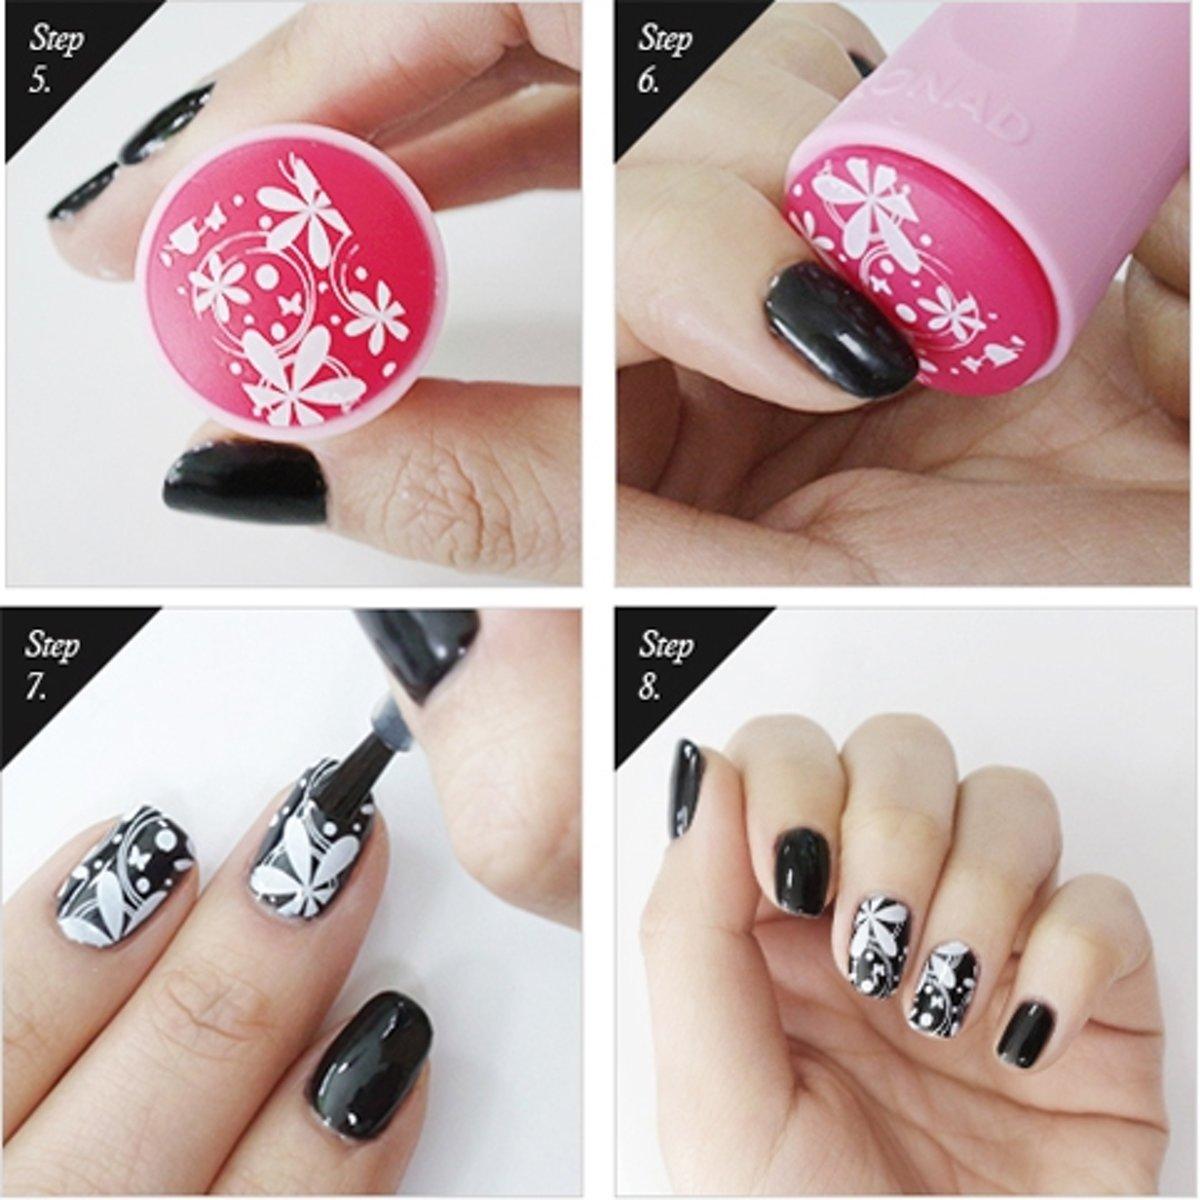 bol.com | KONAD nagel sjabloon M57-1 met 4 nagel figuurtjes voor ...